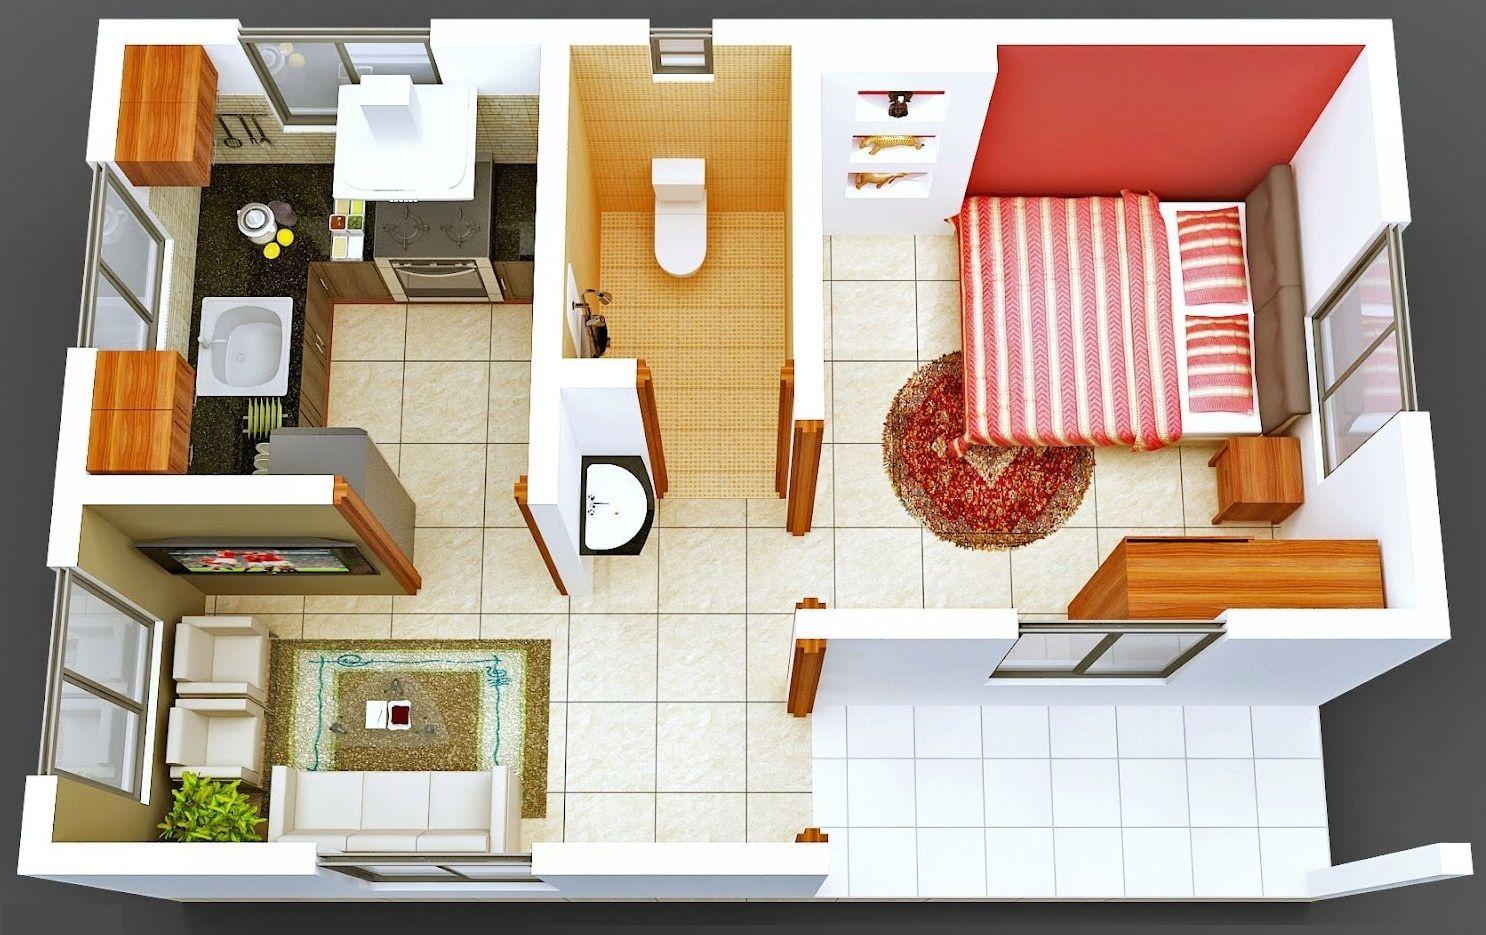 Wohndesign für kleines schlafzimmer apartments mit einem schlafzimmer kleine größe mit max funktion